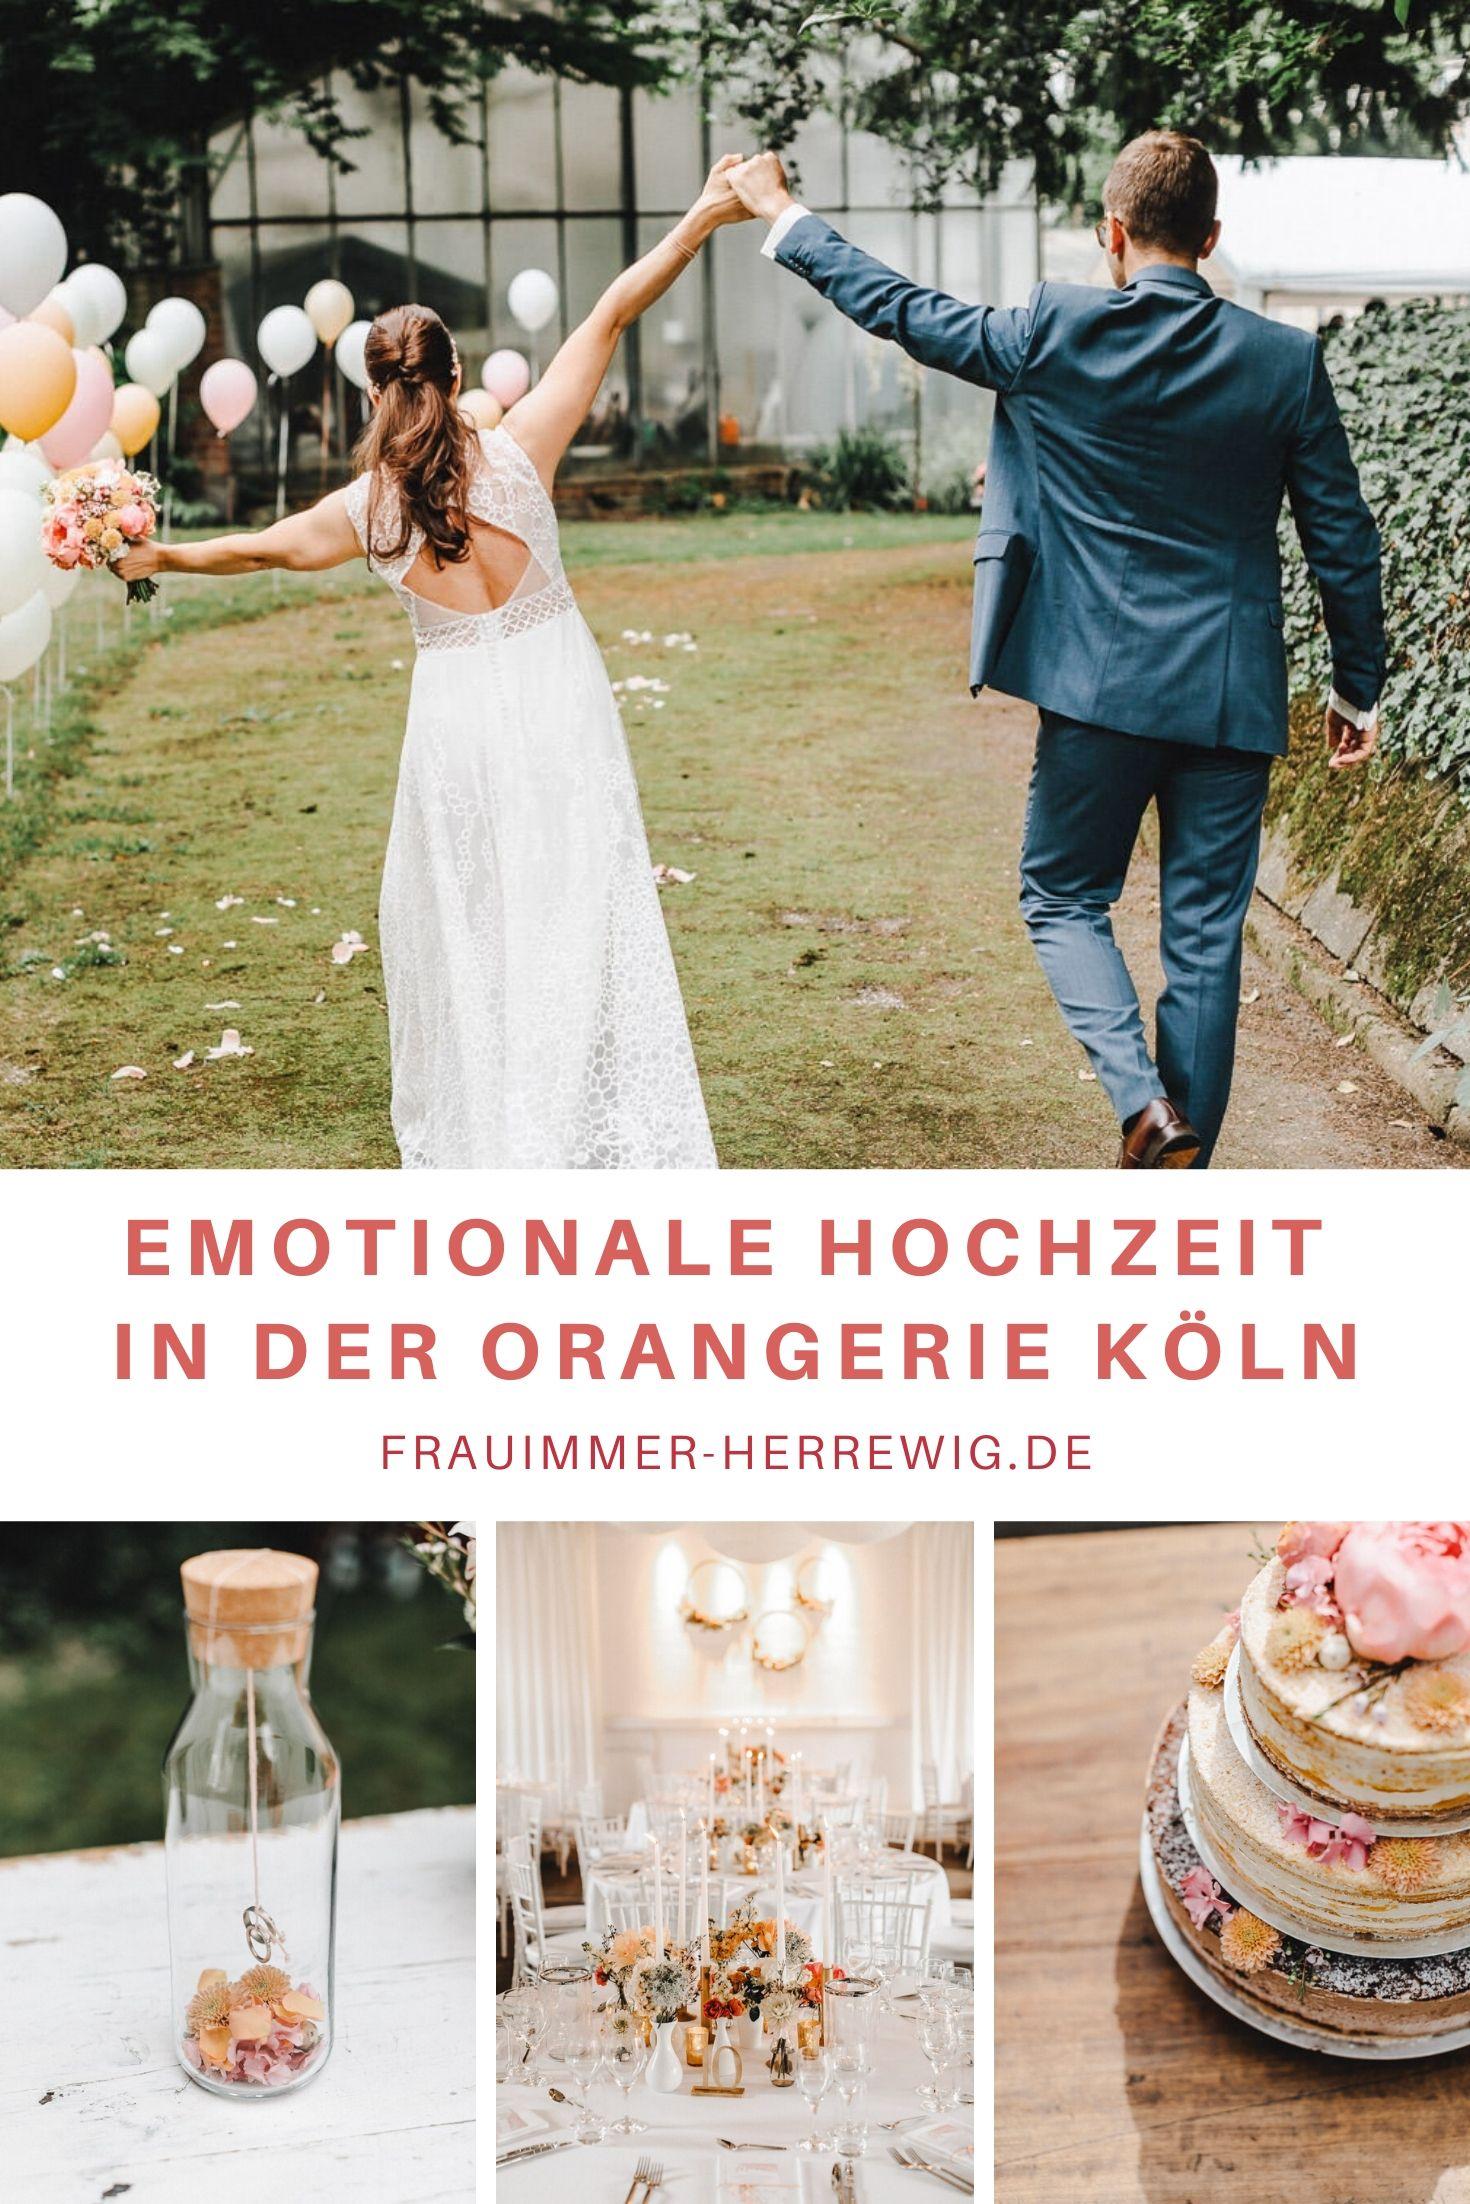 Hochzeit orangerie koeln – gesehen bei frauimmer-herrewig.de